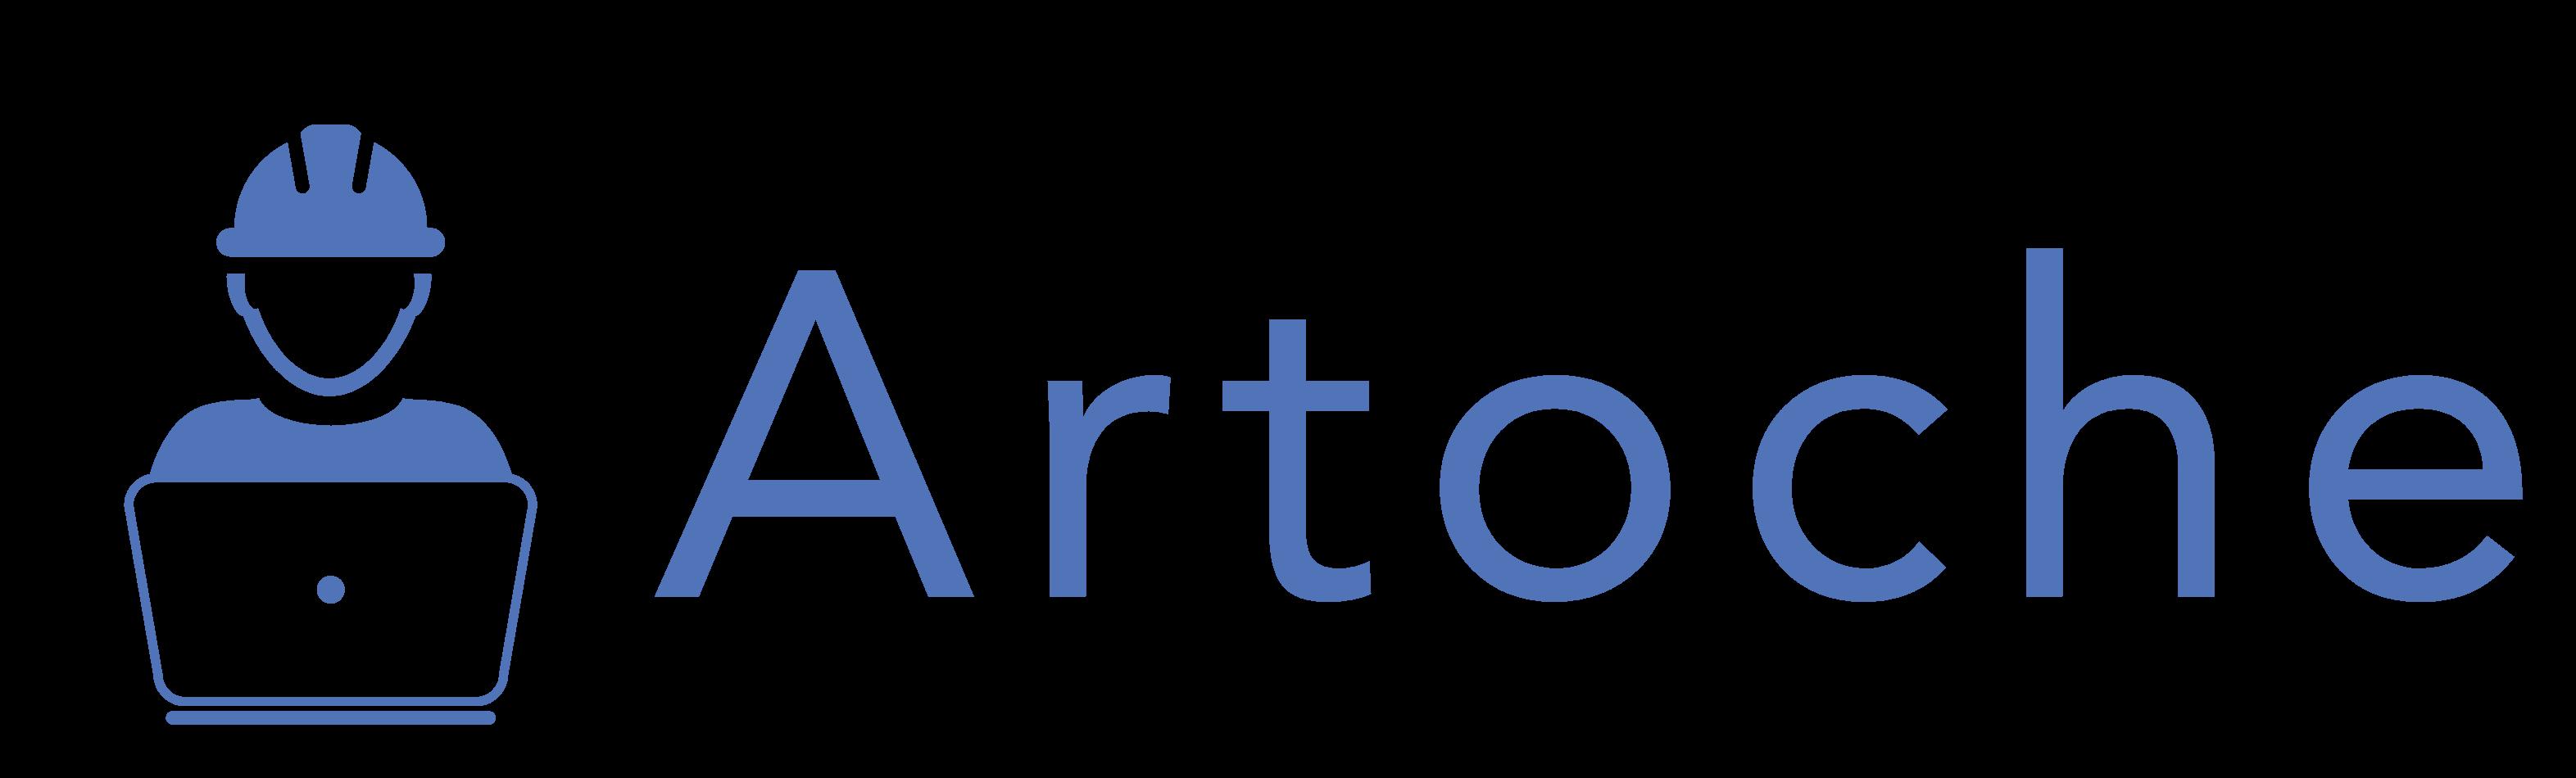 Avis Artoche : Le meilleur logiciel de devis pour les artisans du bâtiment - appvizer